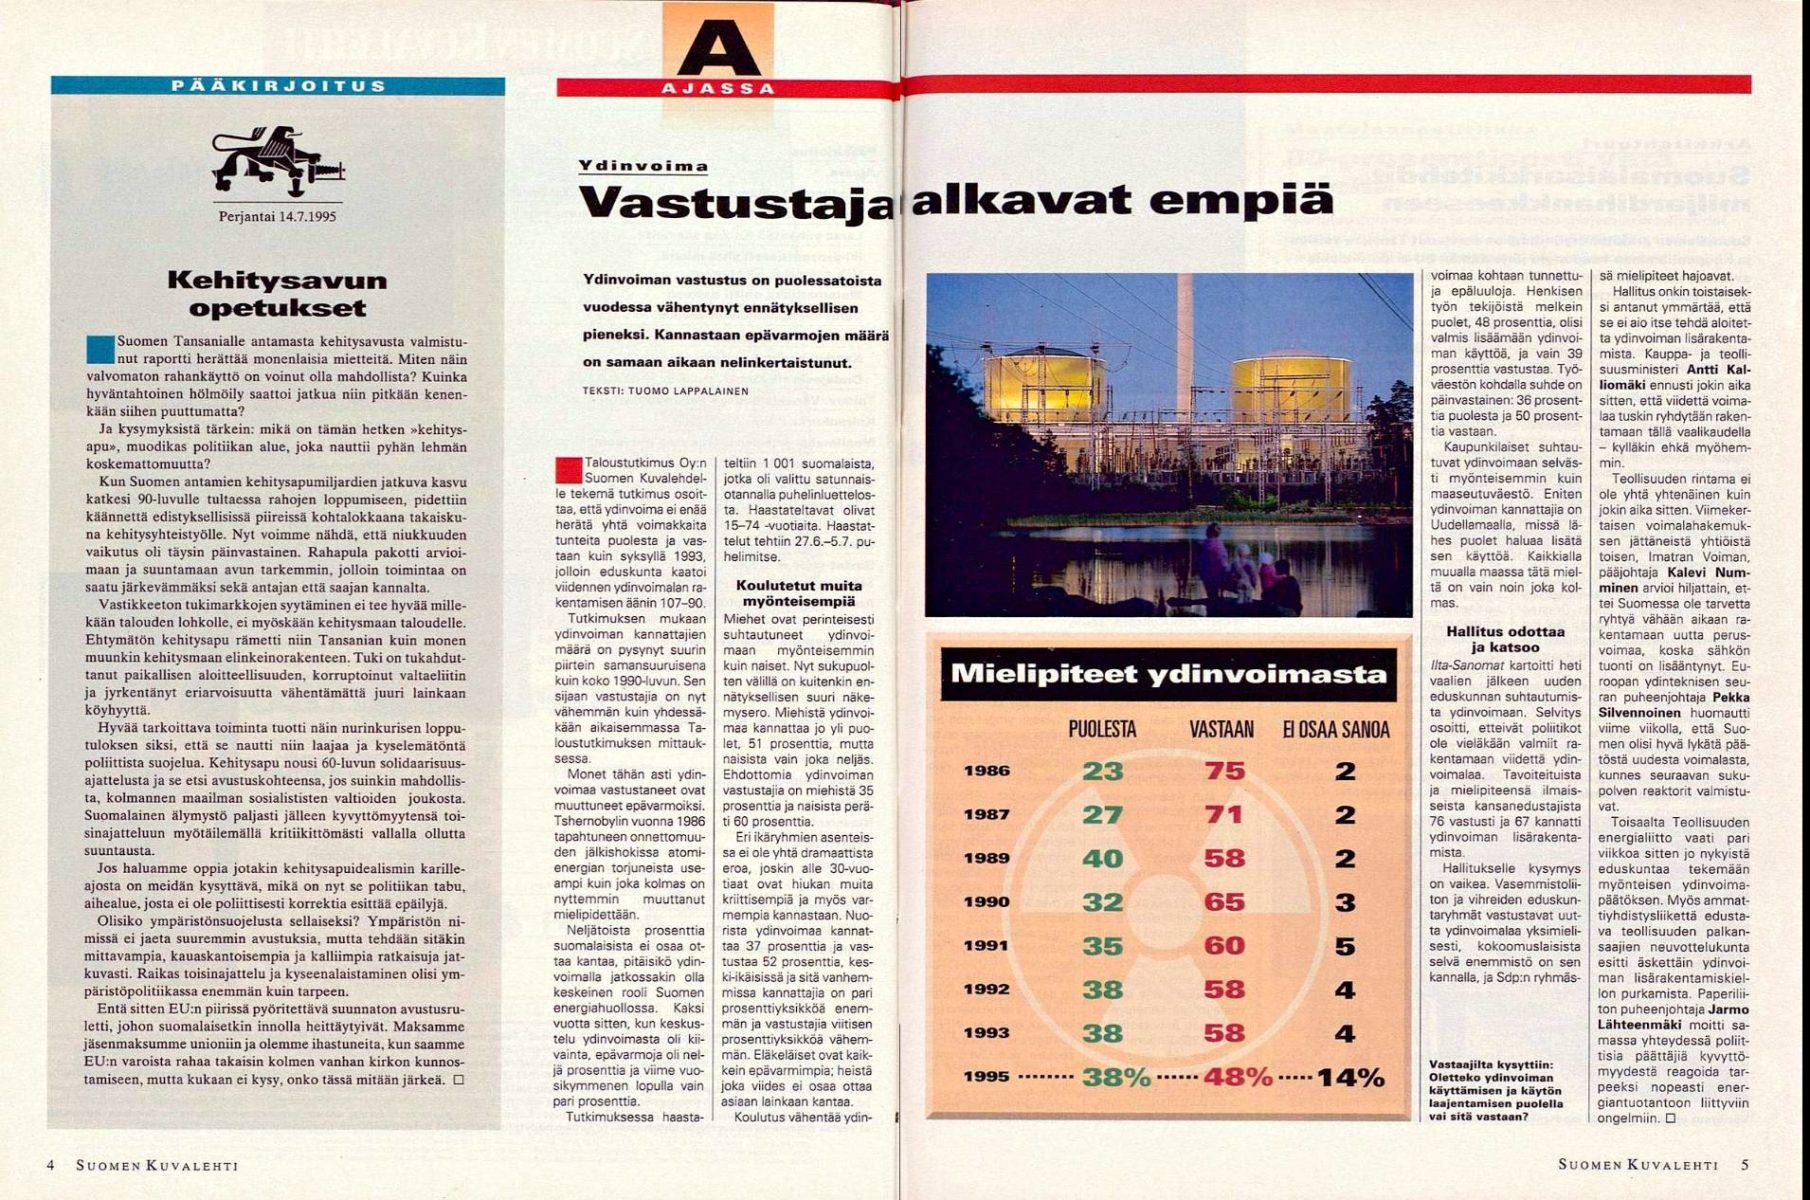 """SK 28/1995 (14.7.1995) Tuomo Lappalainen: """"Vastustajat alkavat empiä""""."""